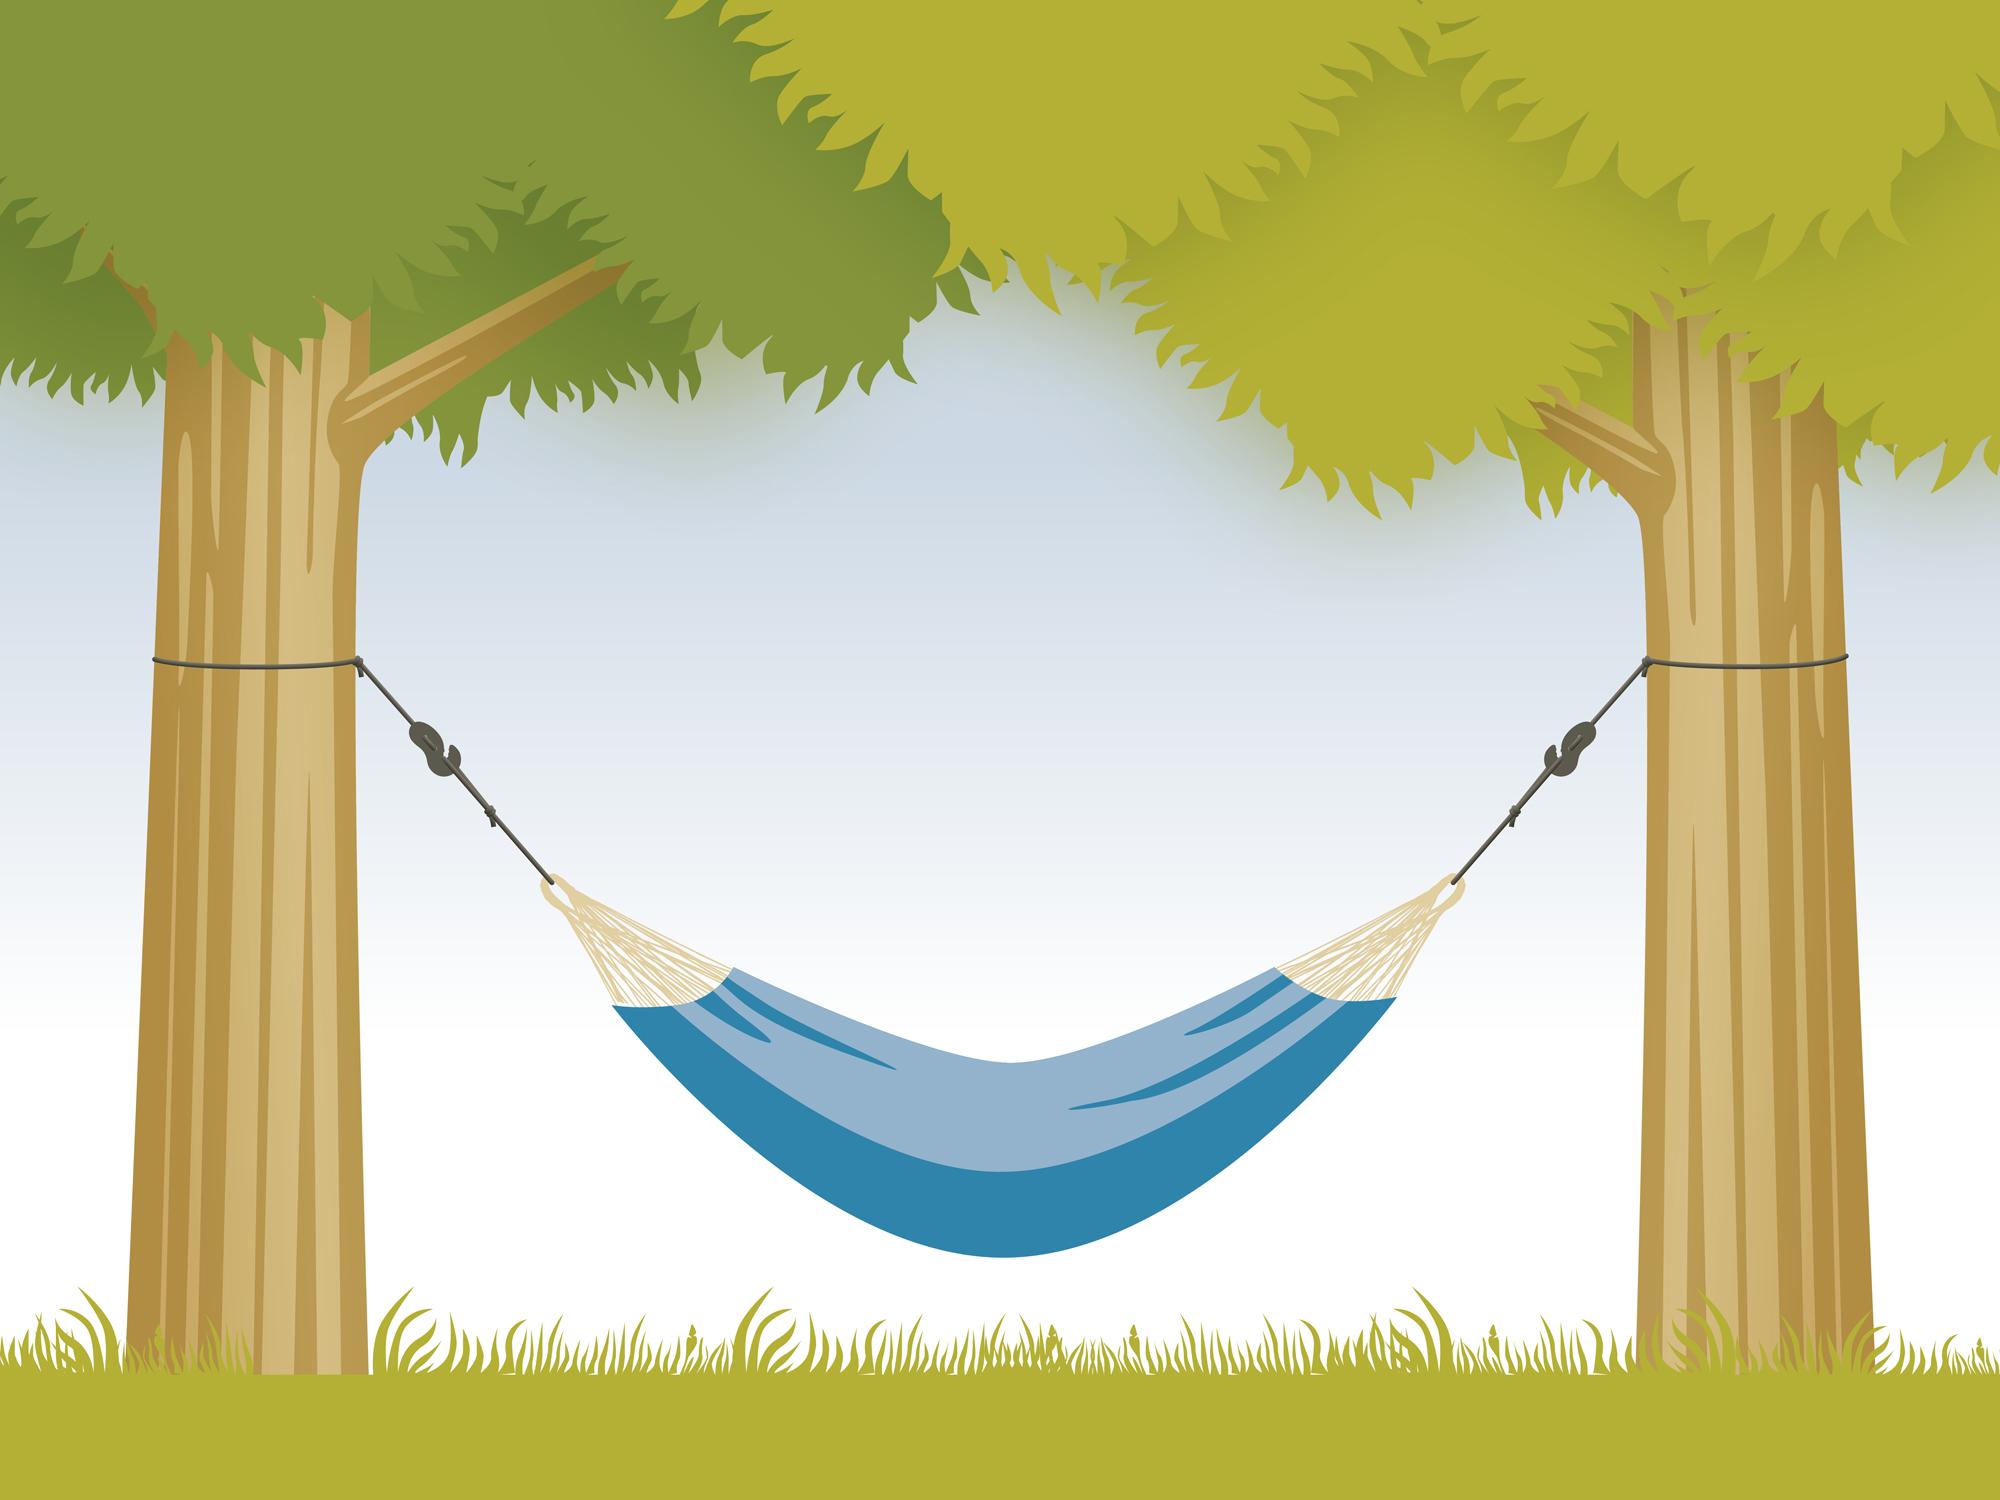 Hängematte aufhängen - Tree Rope